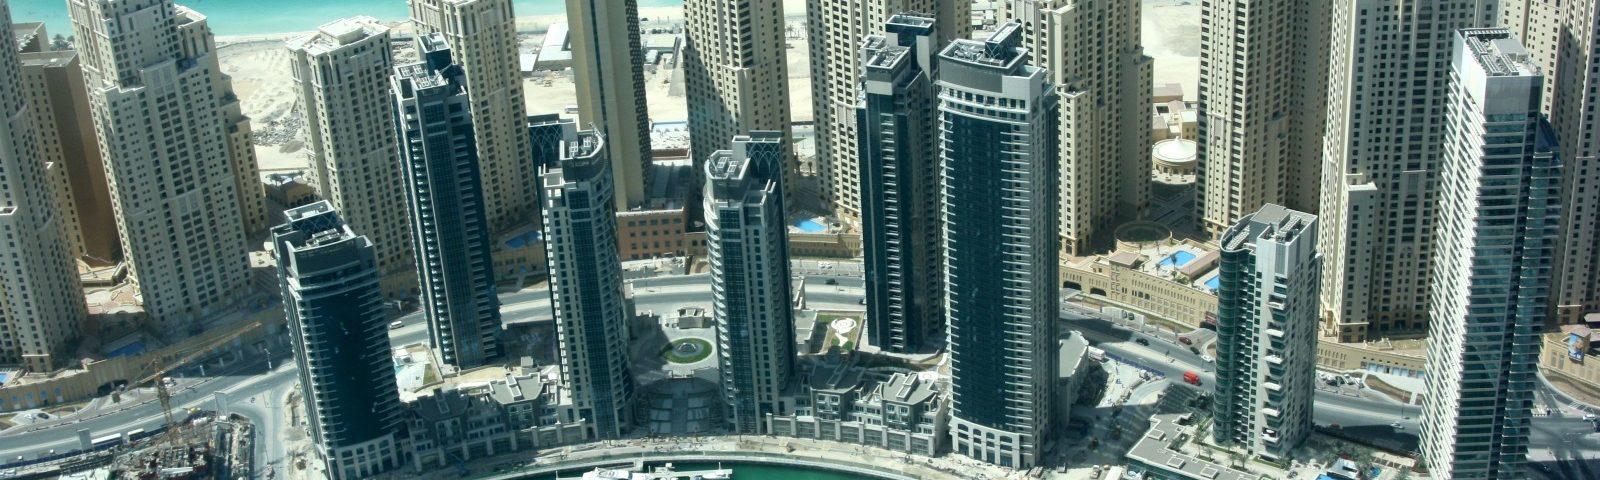 Дубай - развивающаяся столица ОАЭ